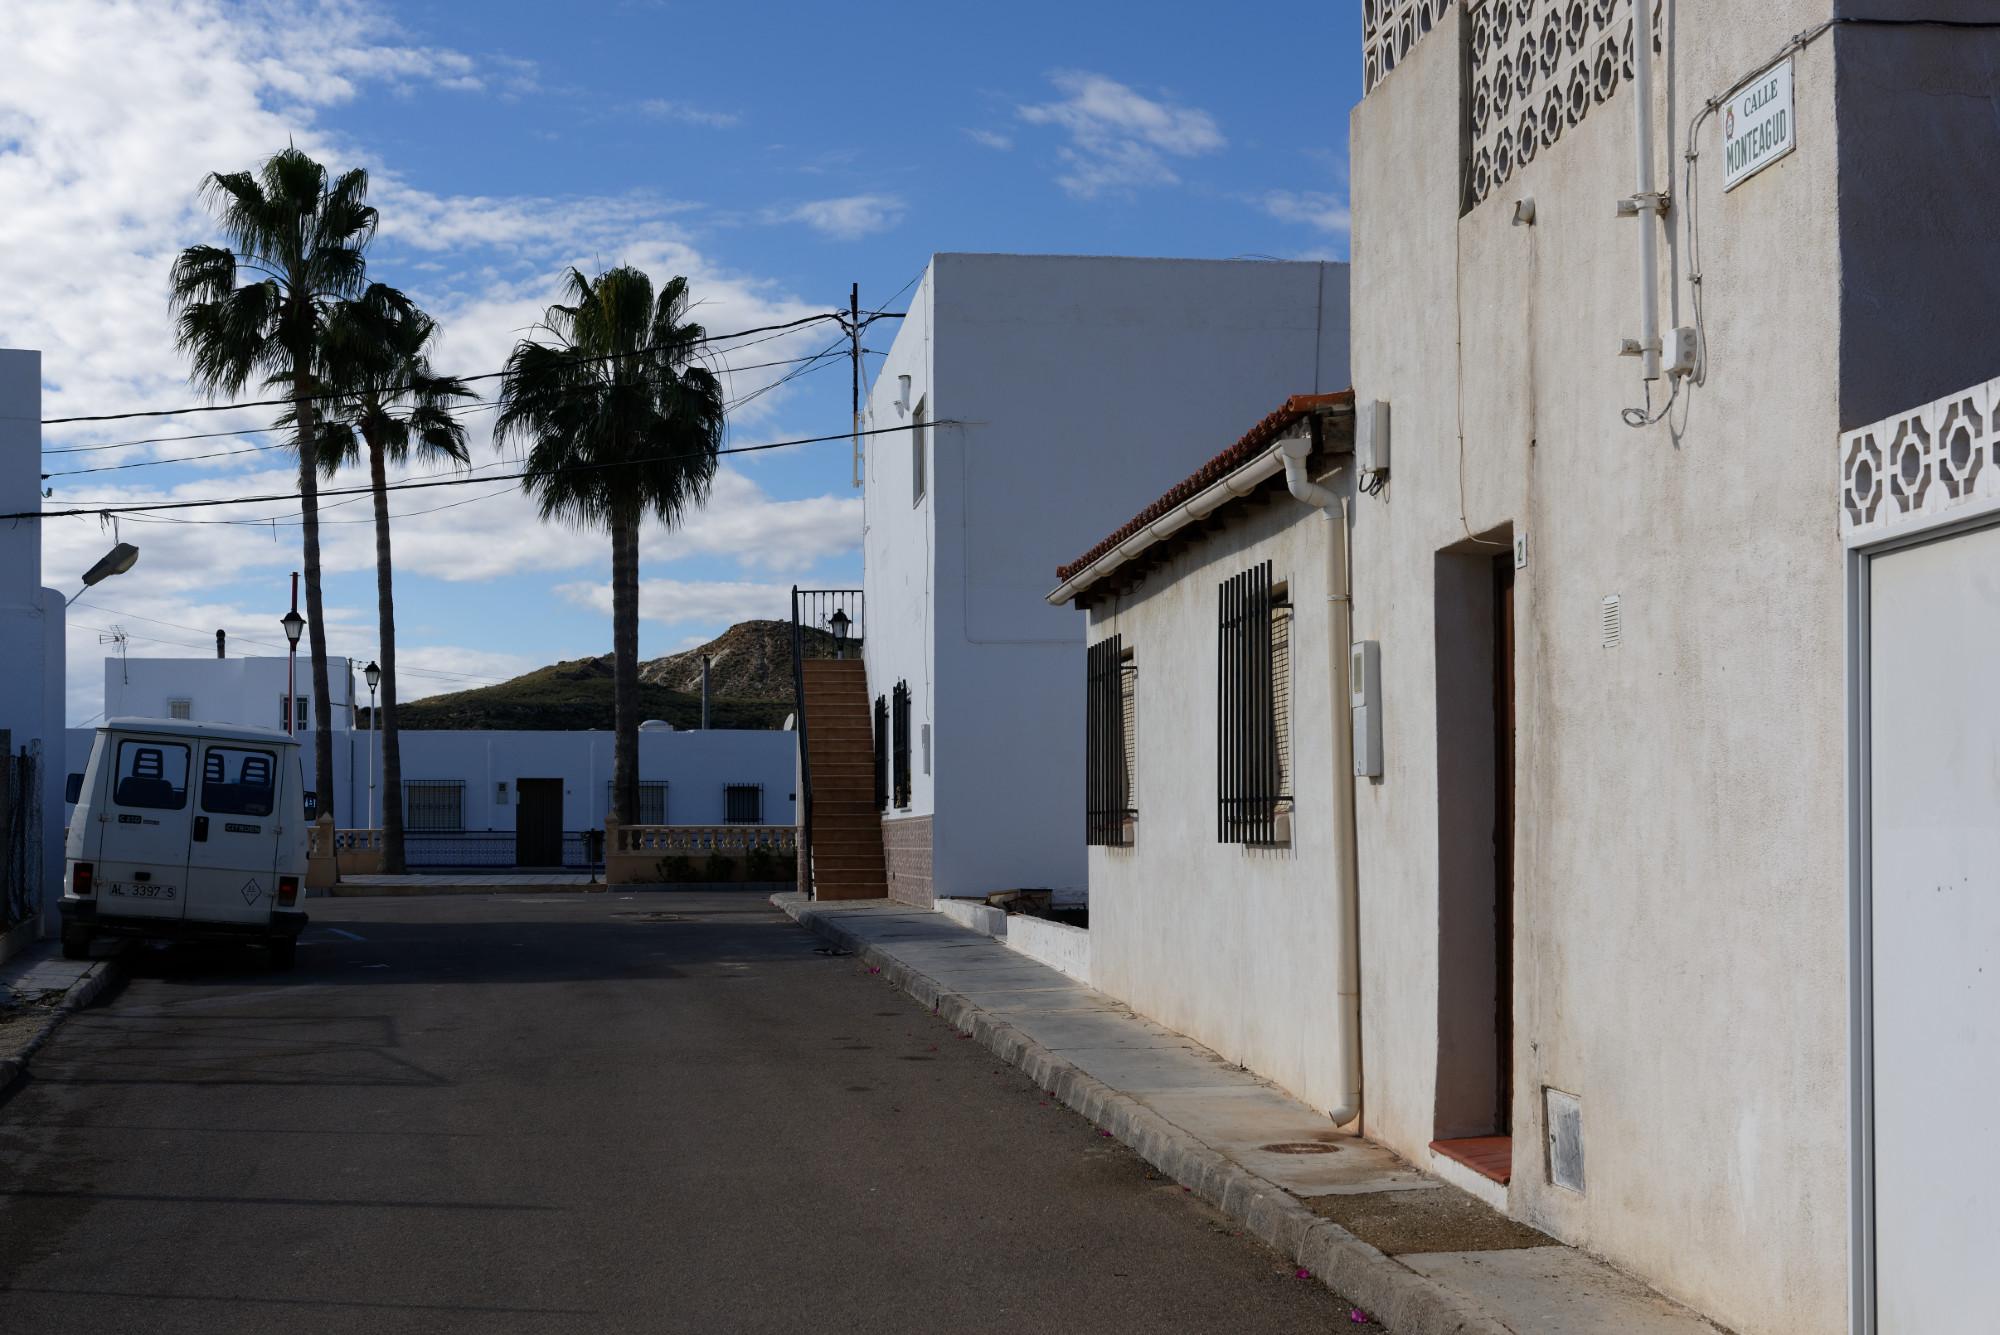 171216-Region Carboneras El Argamason (Cabo de Gata-Andalousie) (16)